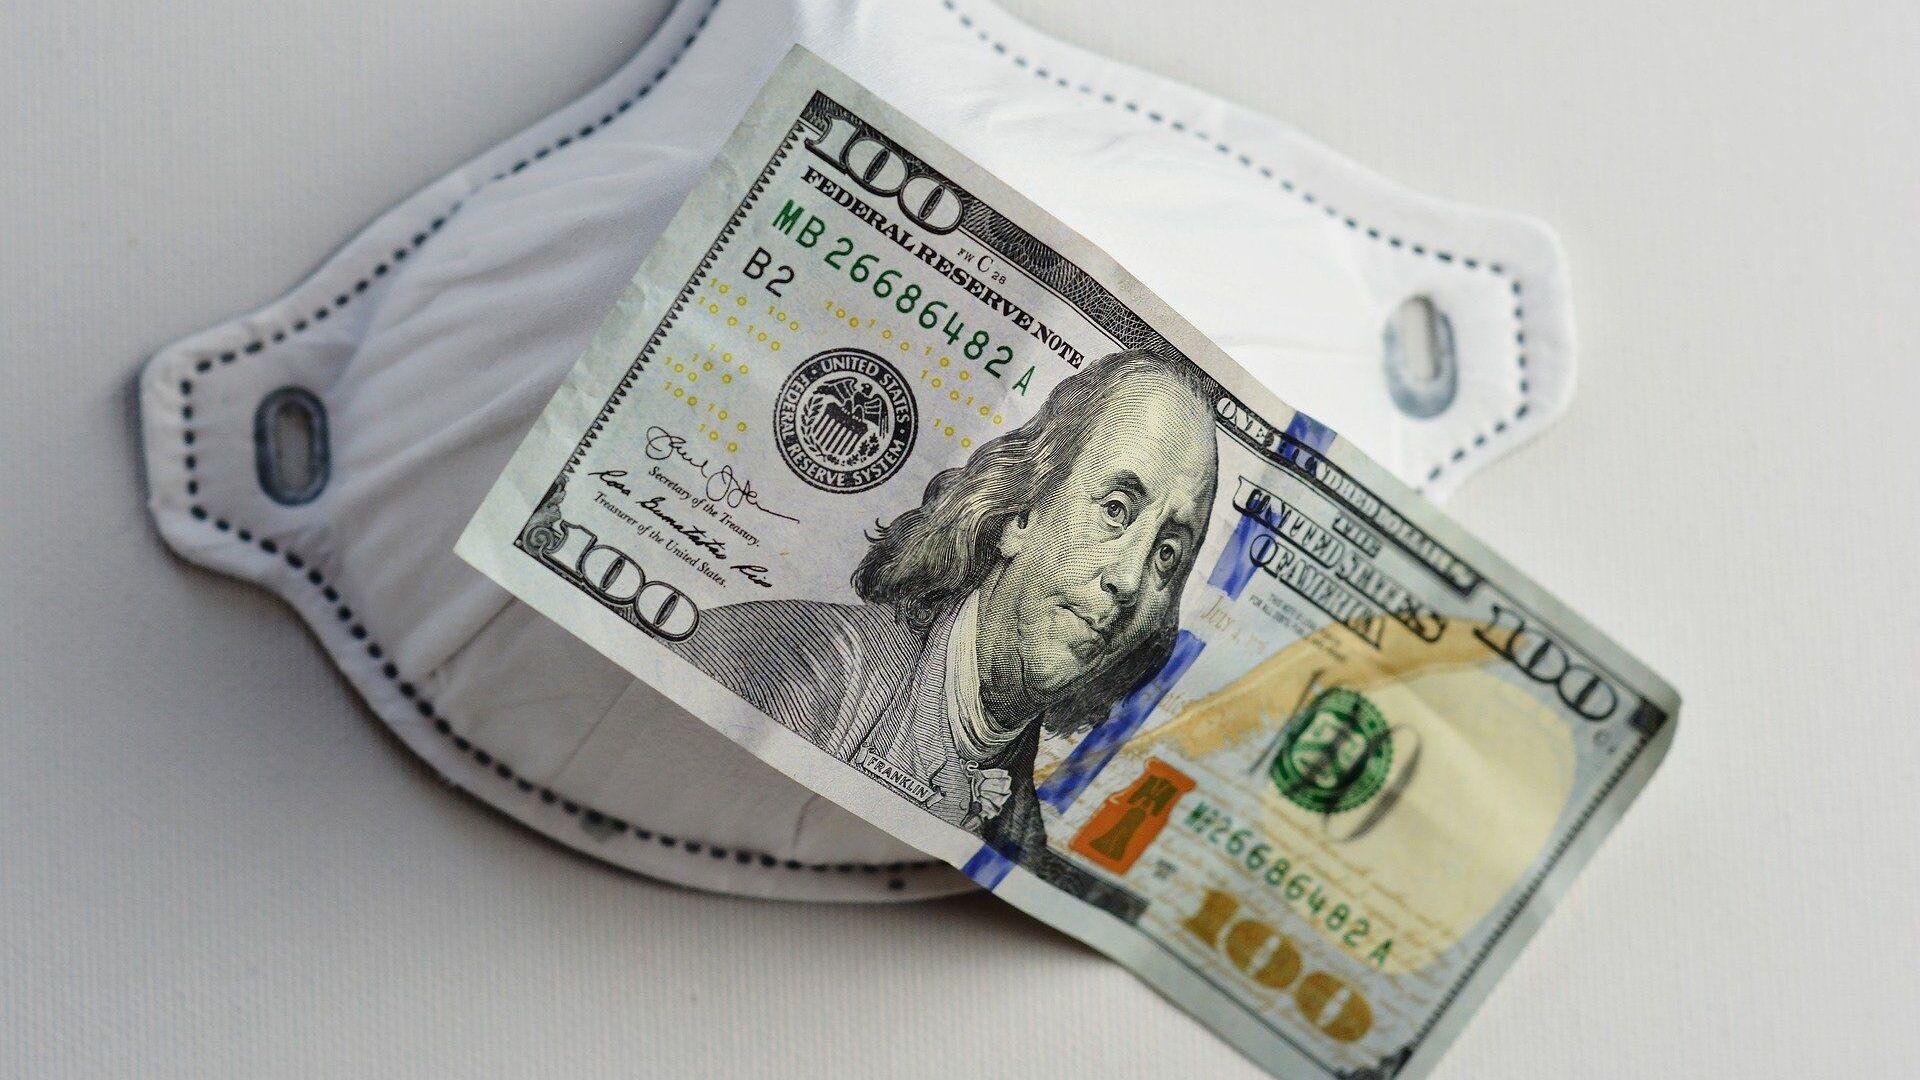 Una mascarilla junto a un billete de 100 dólares. Imagen referencial - Sputnik Mundo, 1920, 01.10.2021